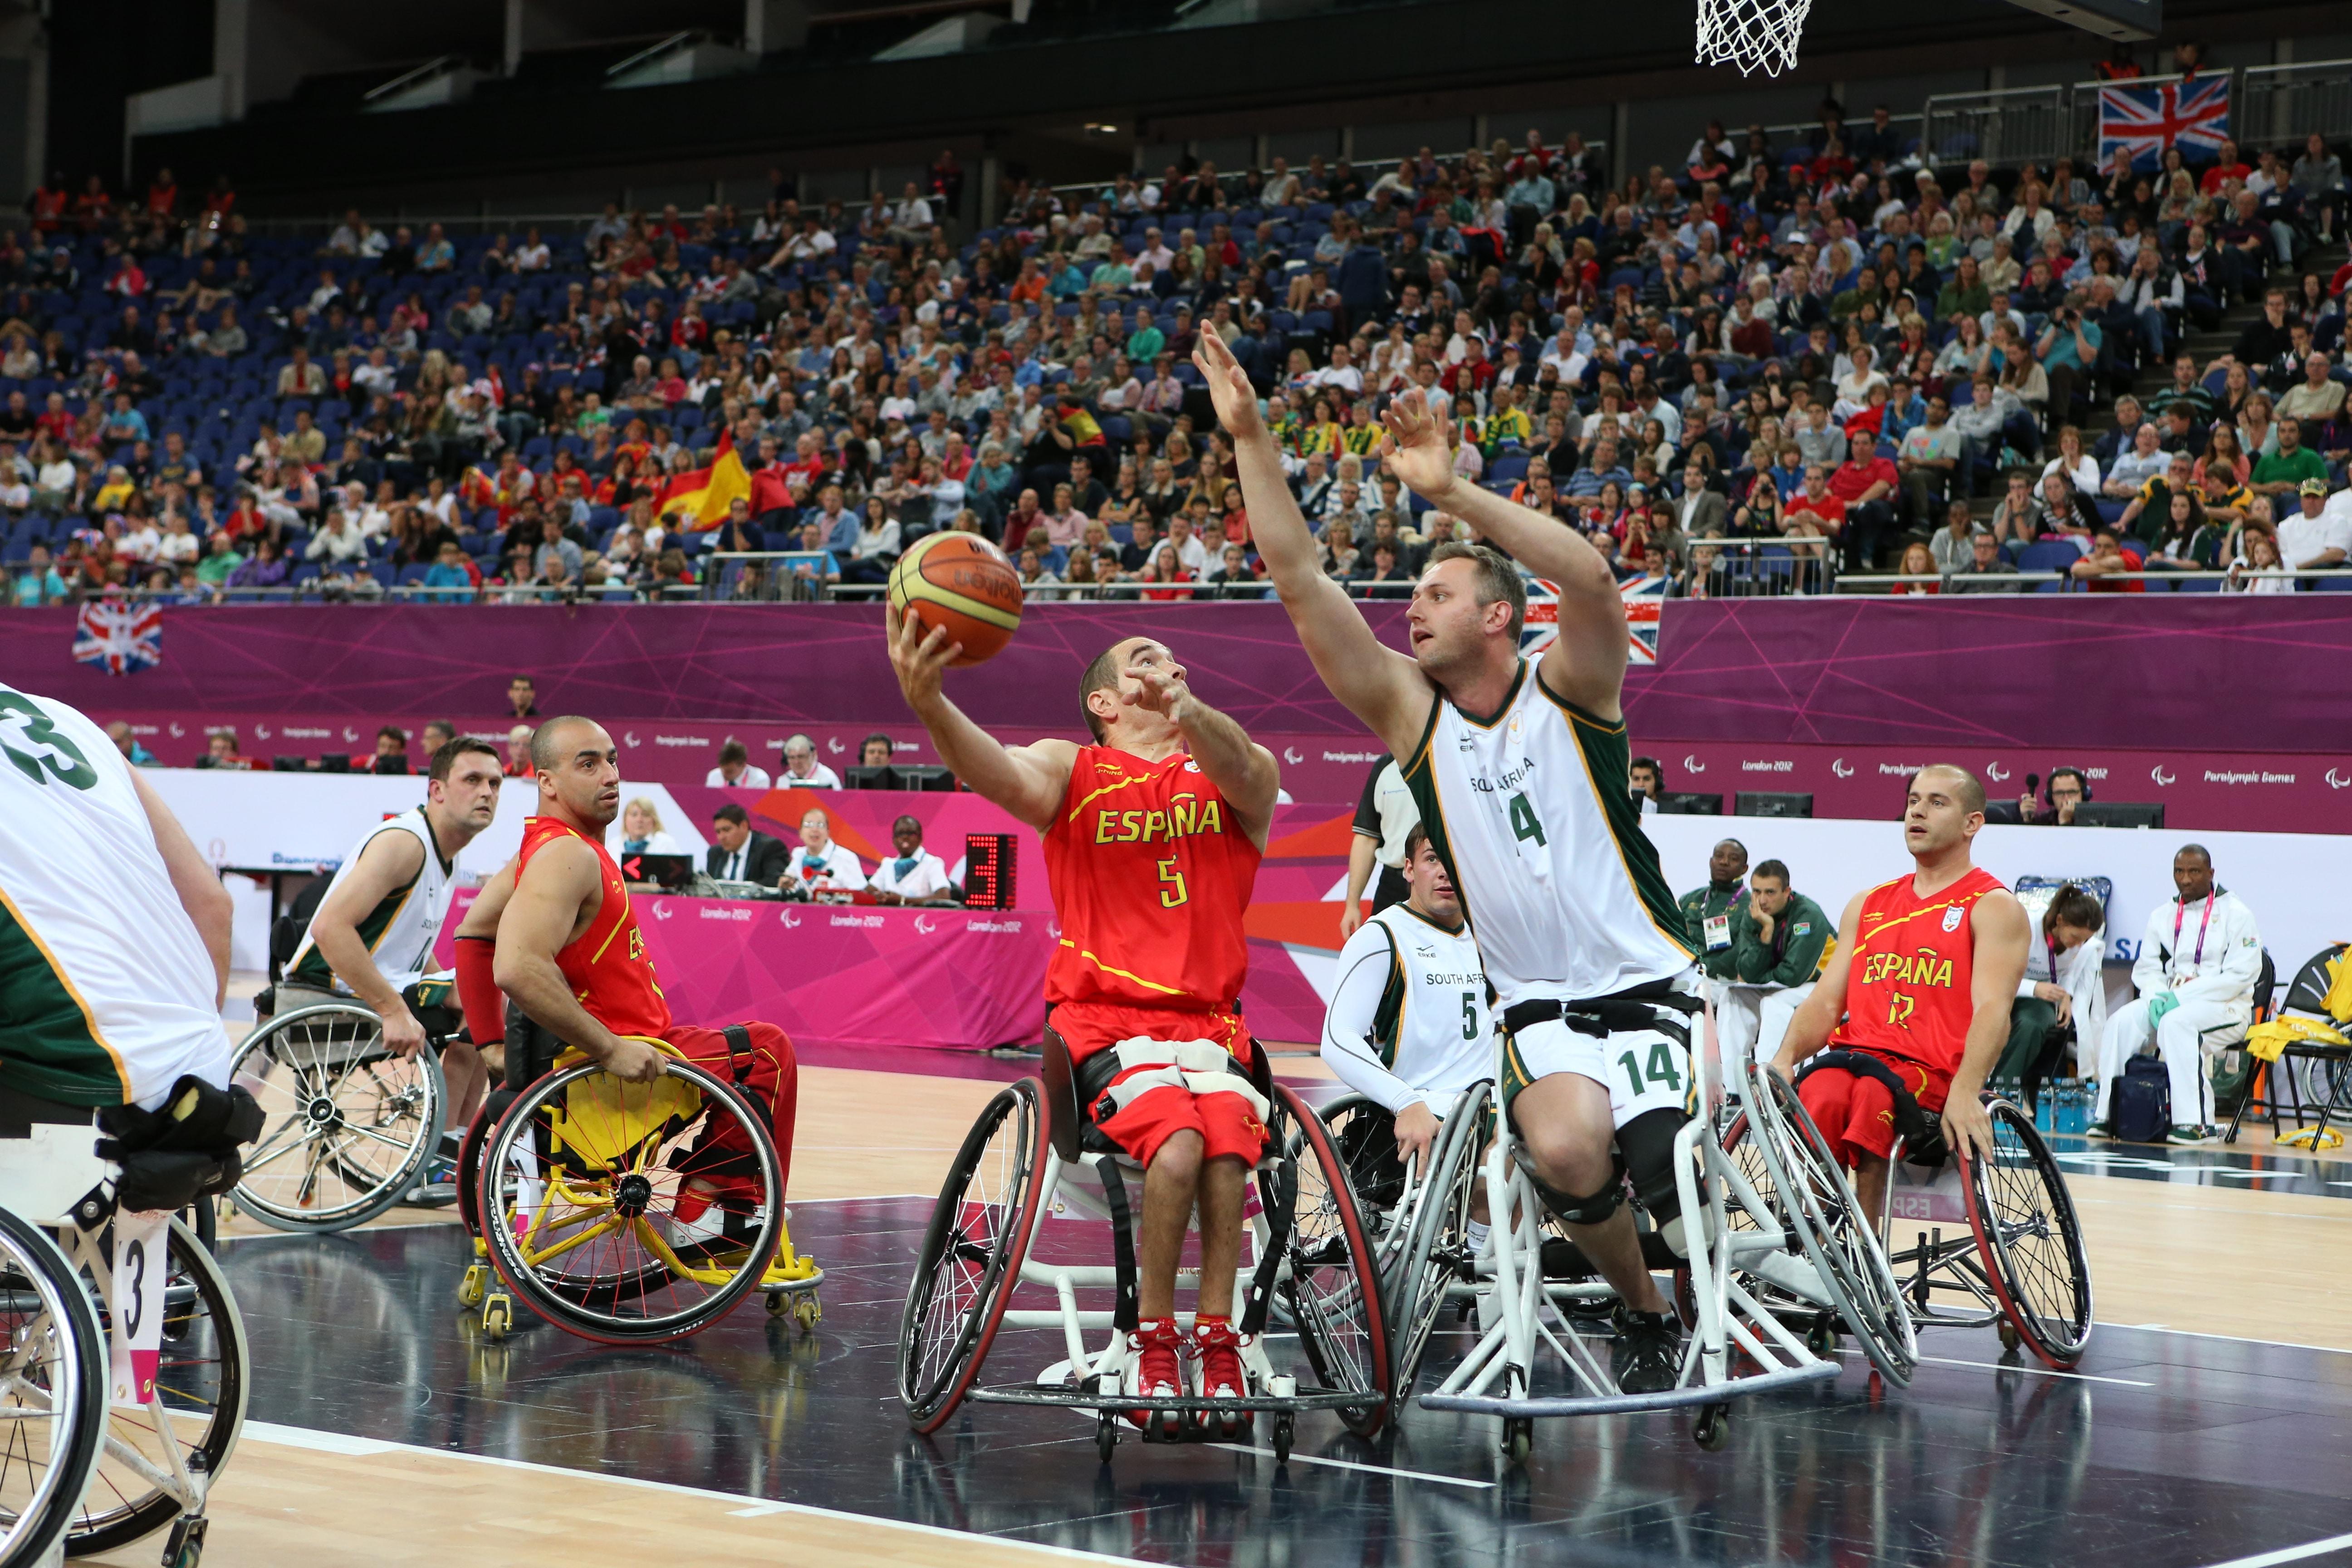 Basquetbol en silla de ruedas